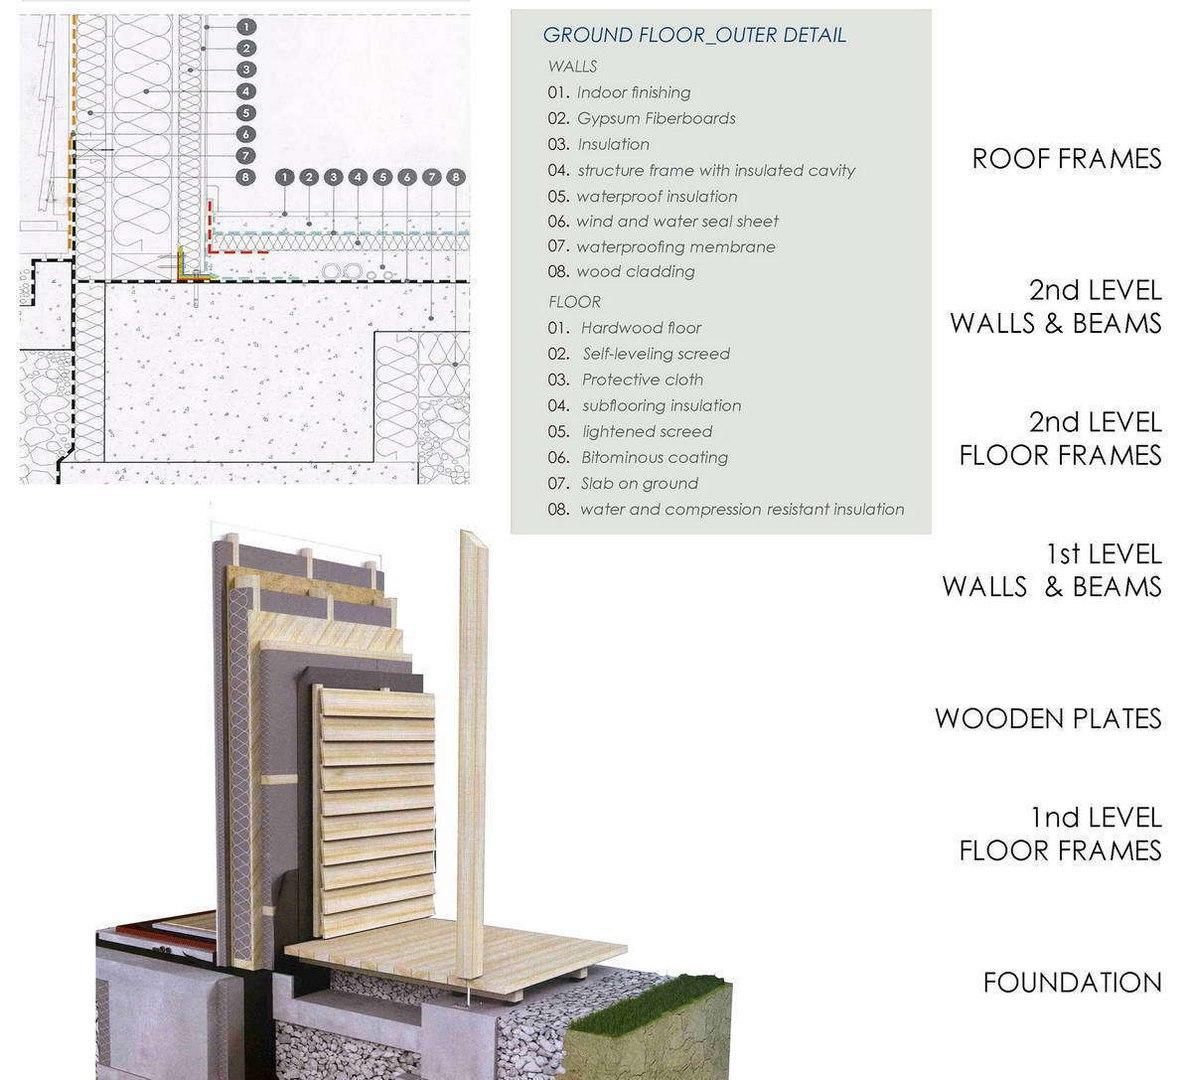 Итальянский проект современного деревянного дома по технологии X-Lam панелей (панели из перекрестно склеенных ламелей).